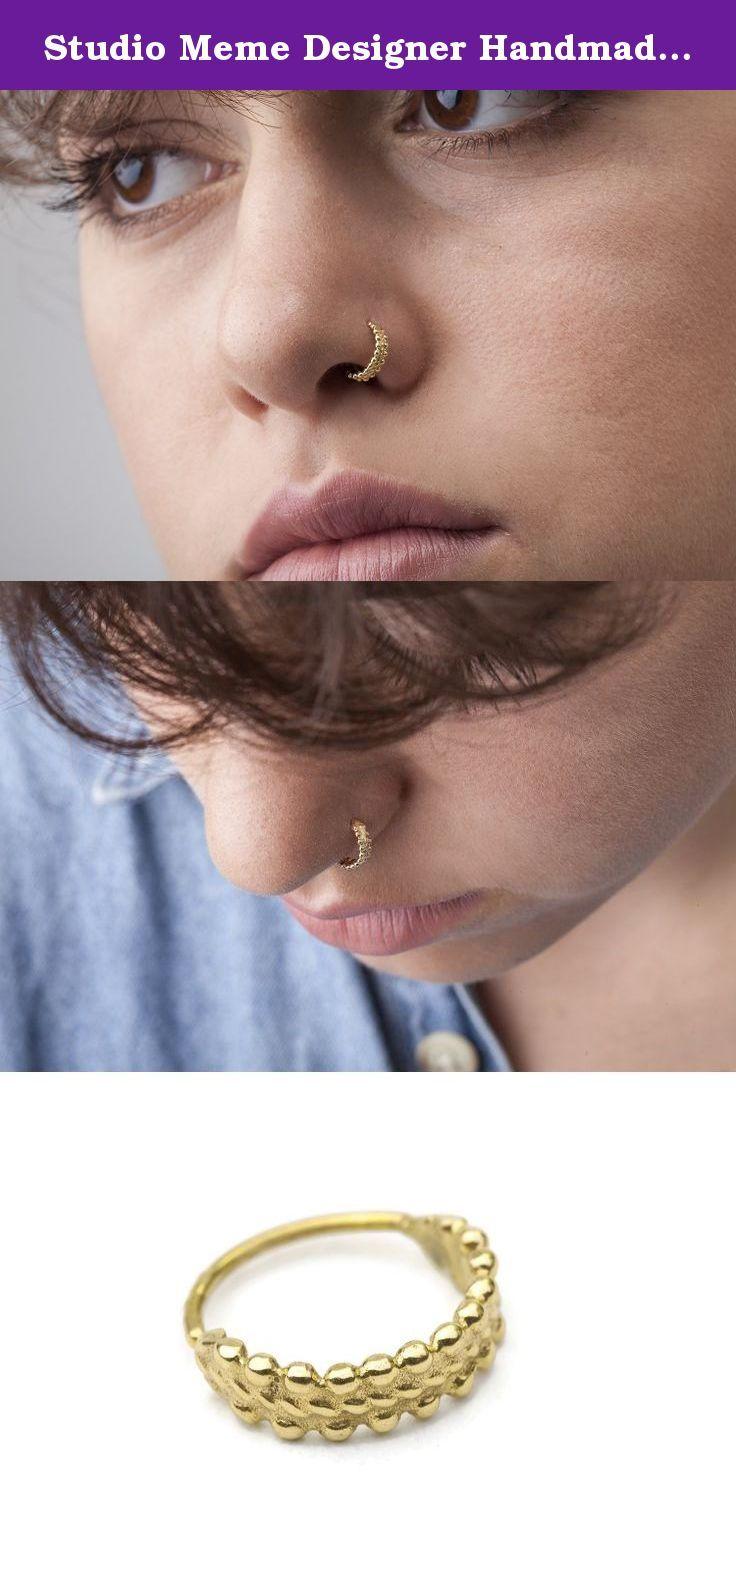 Studio Meme Designer Handmade Nose Rings available in Solid k